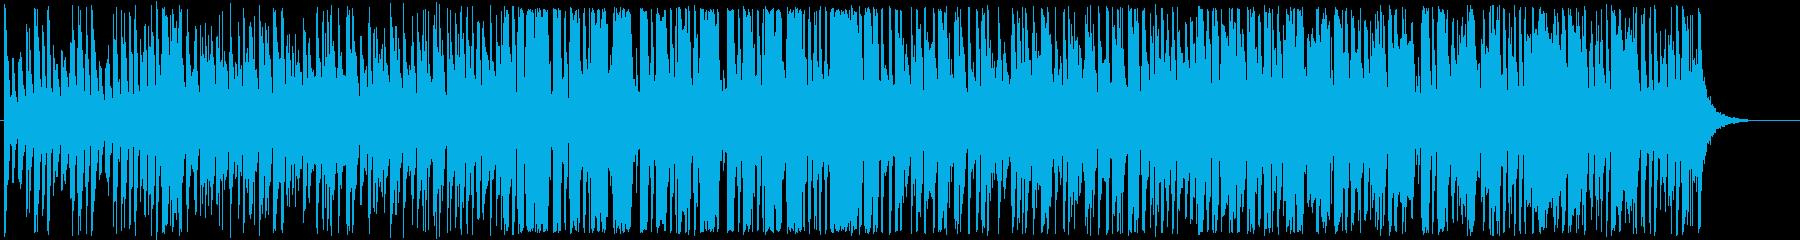 ノリがいいサンバのような曲の再生済みの波形